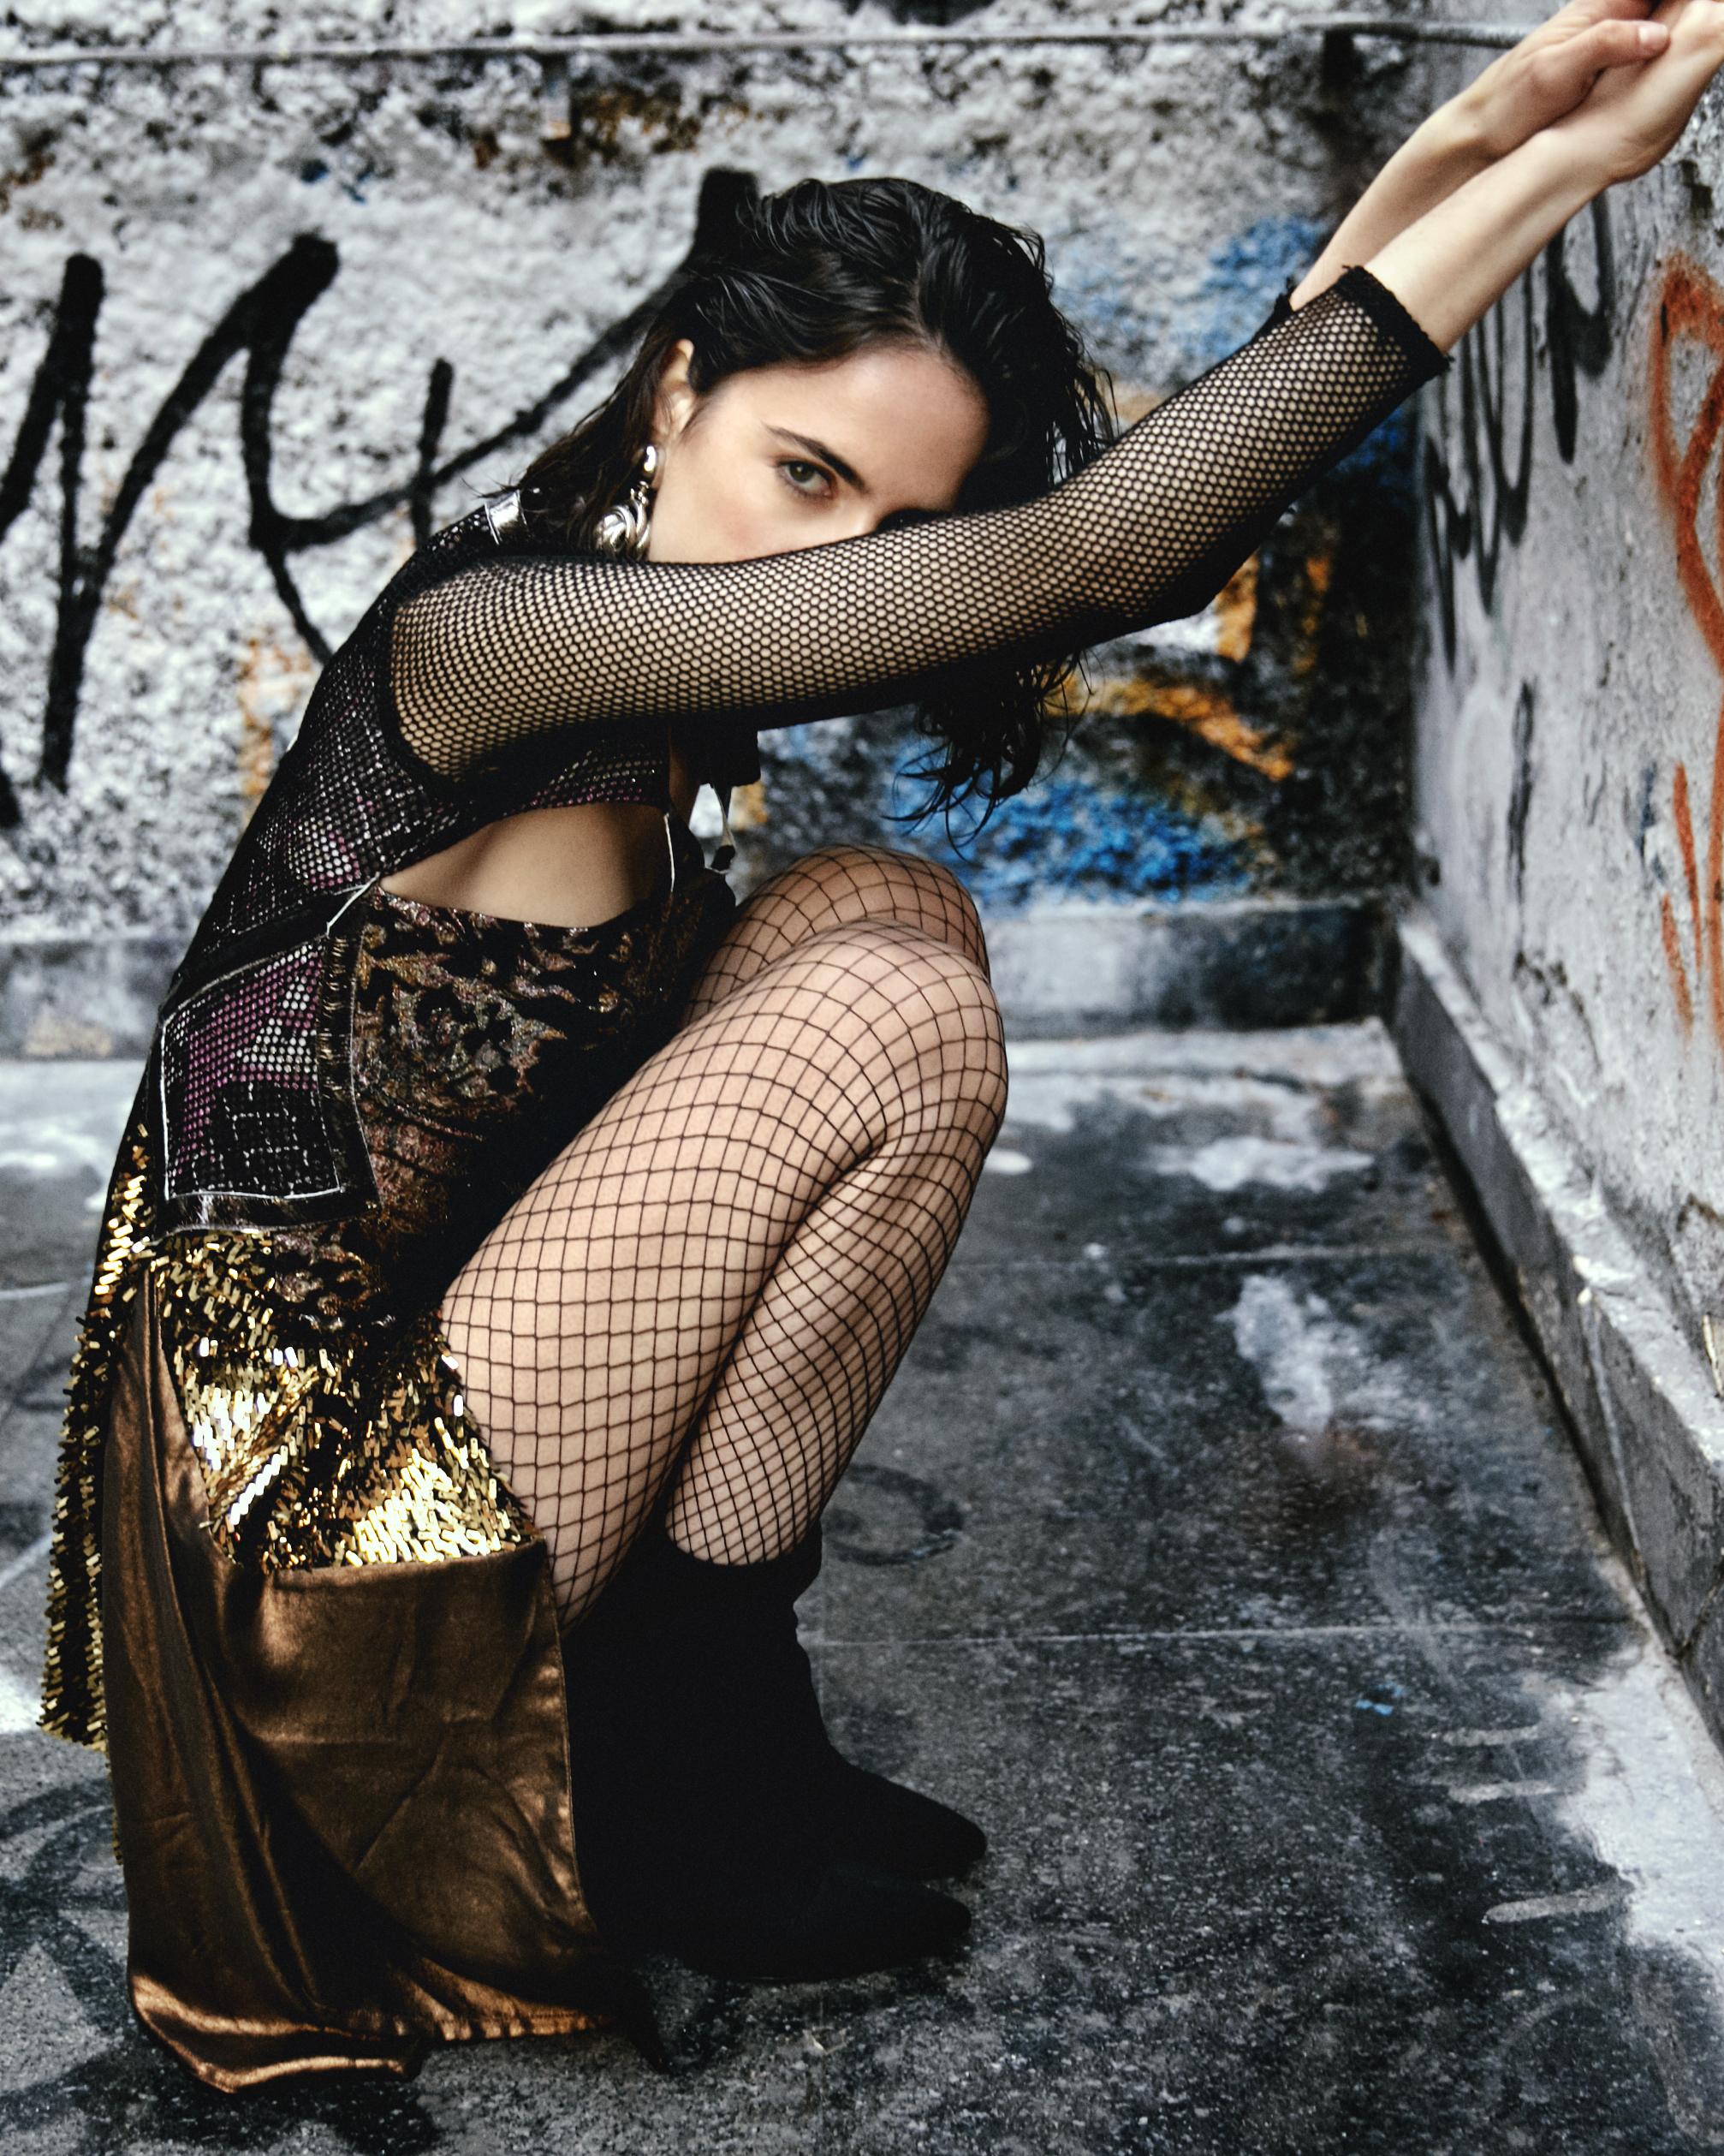 Dress – CUSTO BARCELONA  Panty – CALZEDONIA  Boots – PIMKIE  Earring – ALDAZABAL